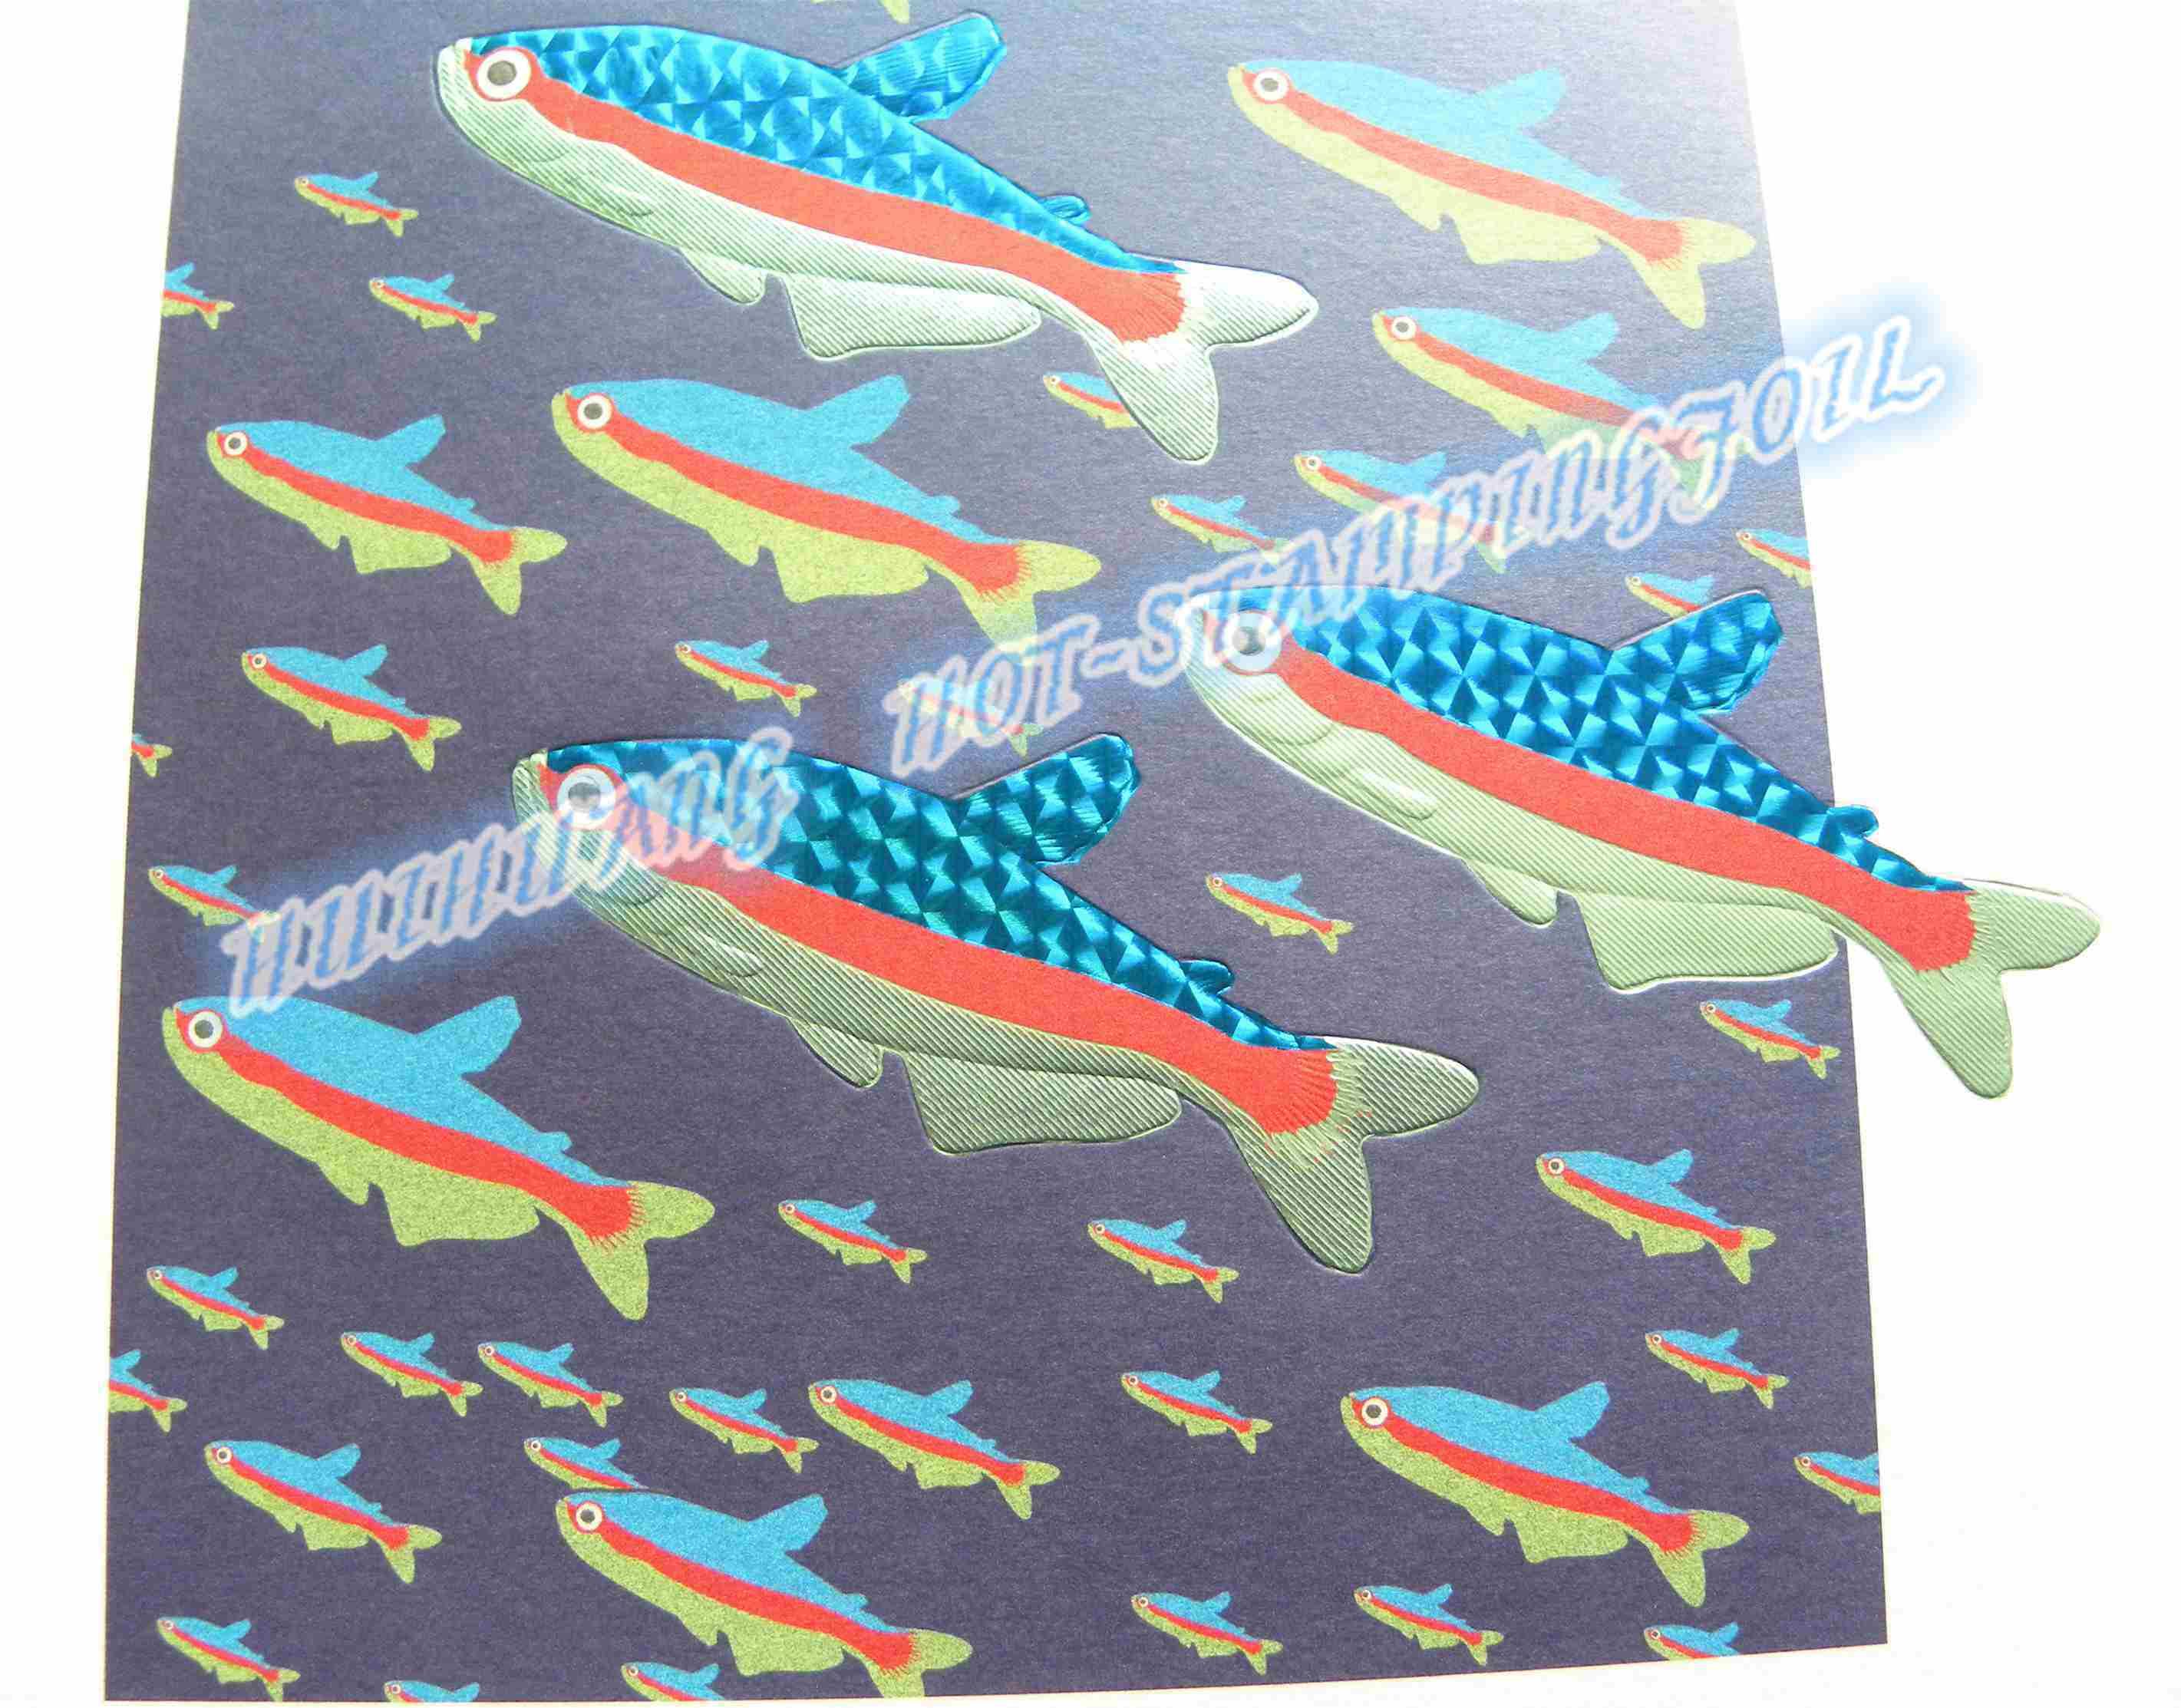 Holographic / Laser Hot Stamping Foil